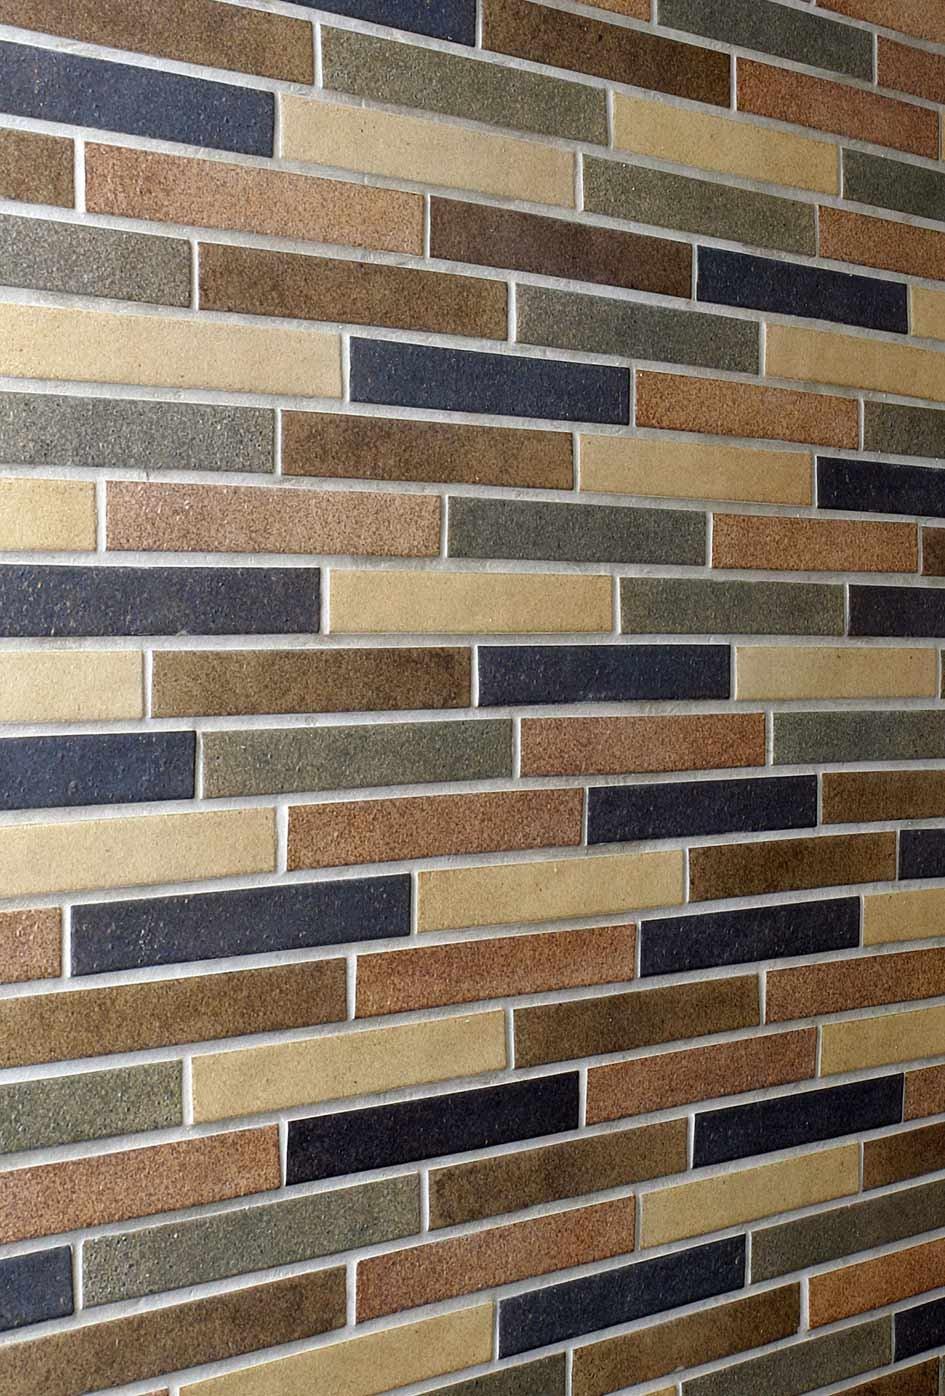 Interior exterior wall tile azuchi border buy for Exterior tiles design india